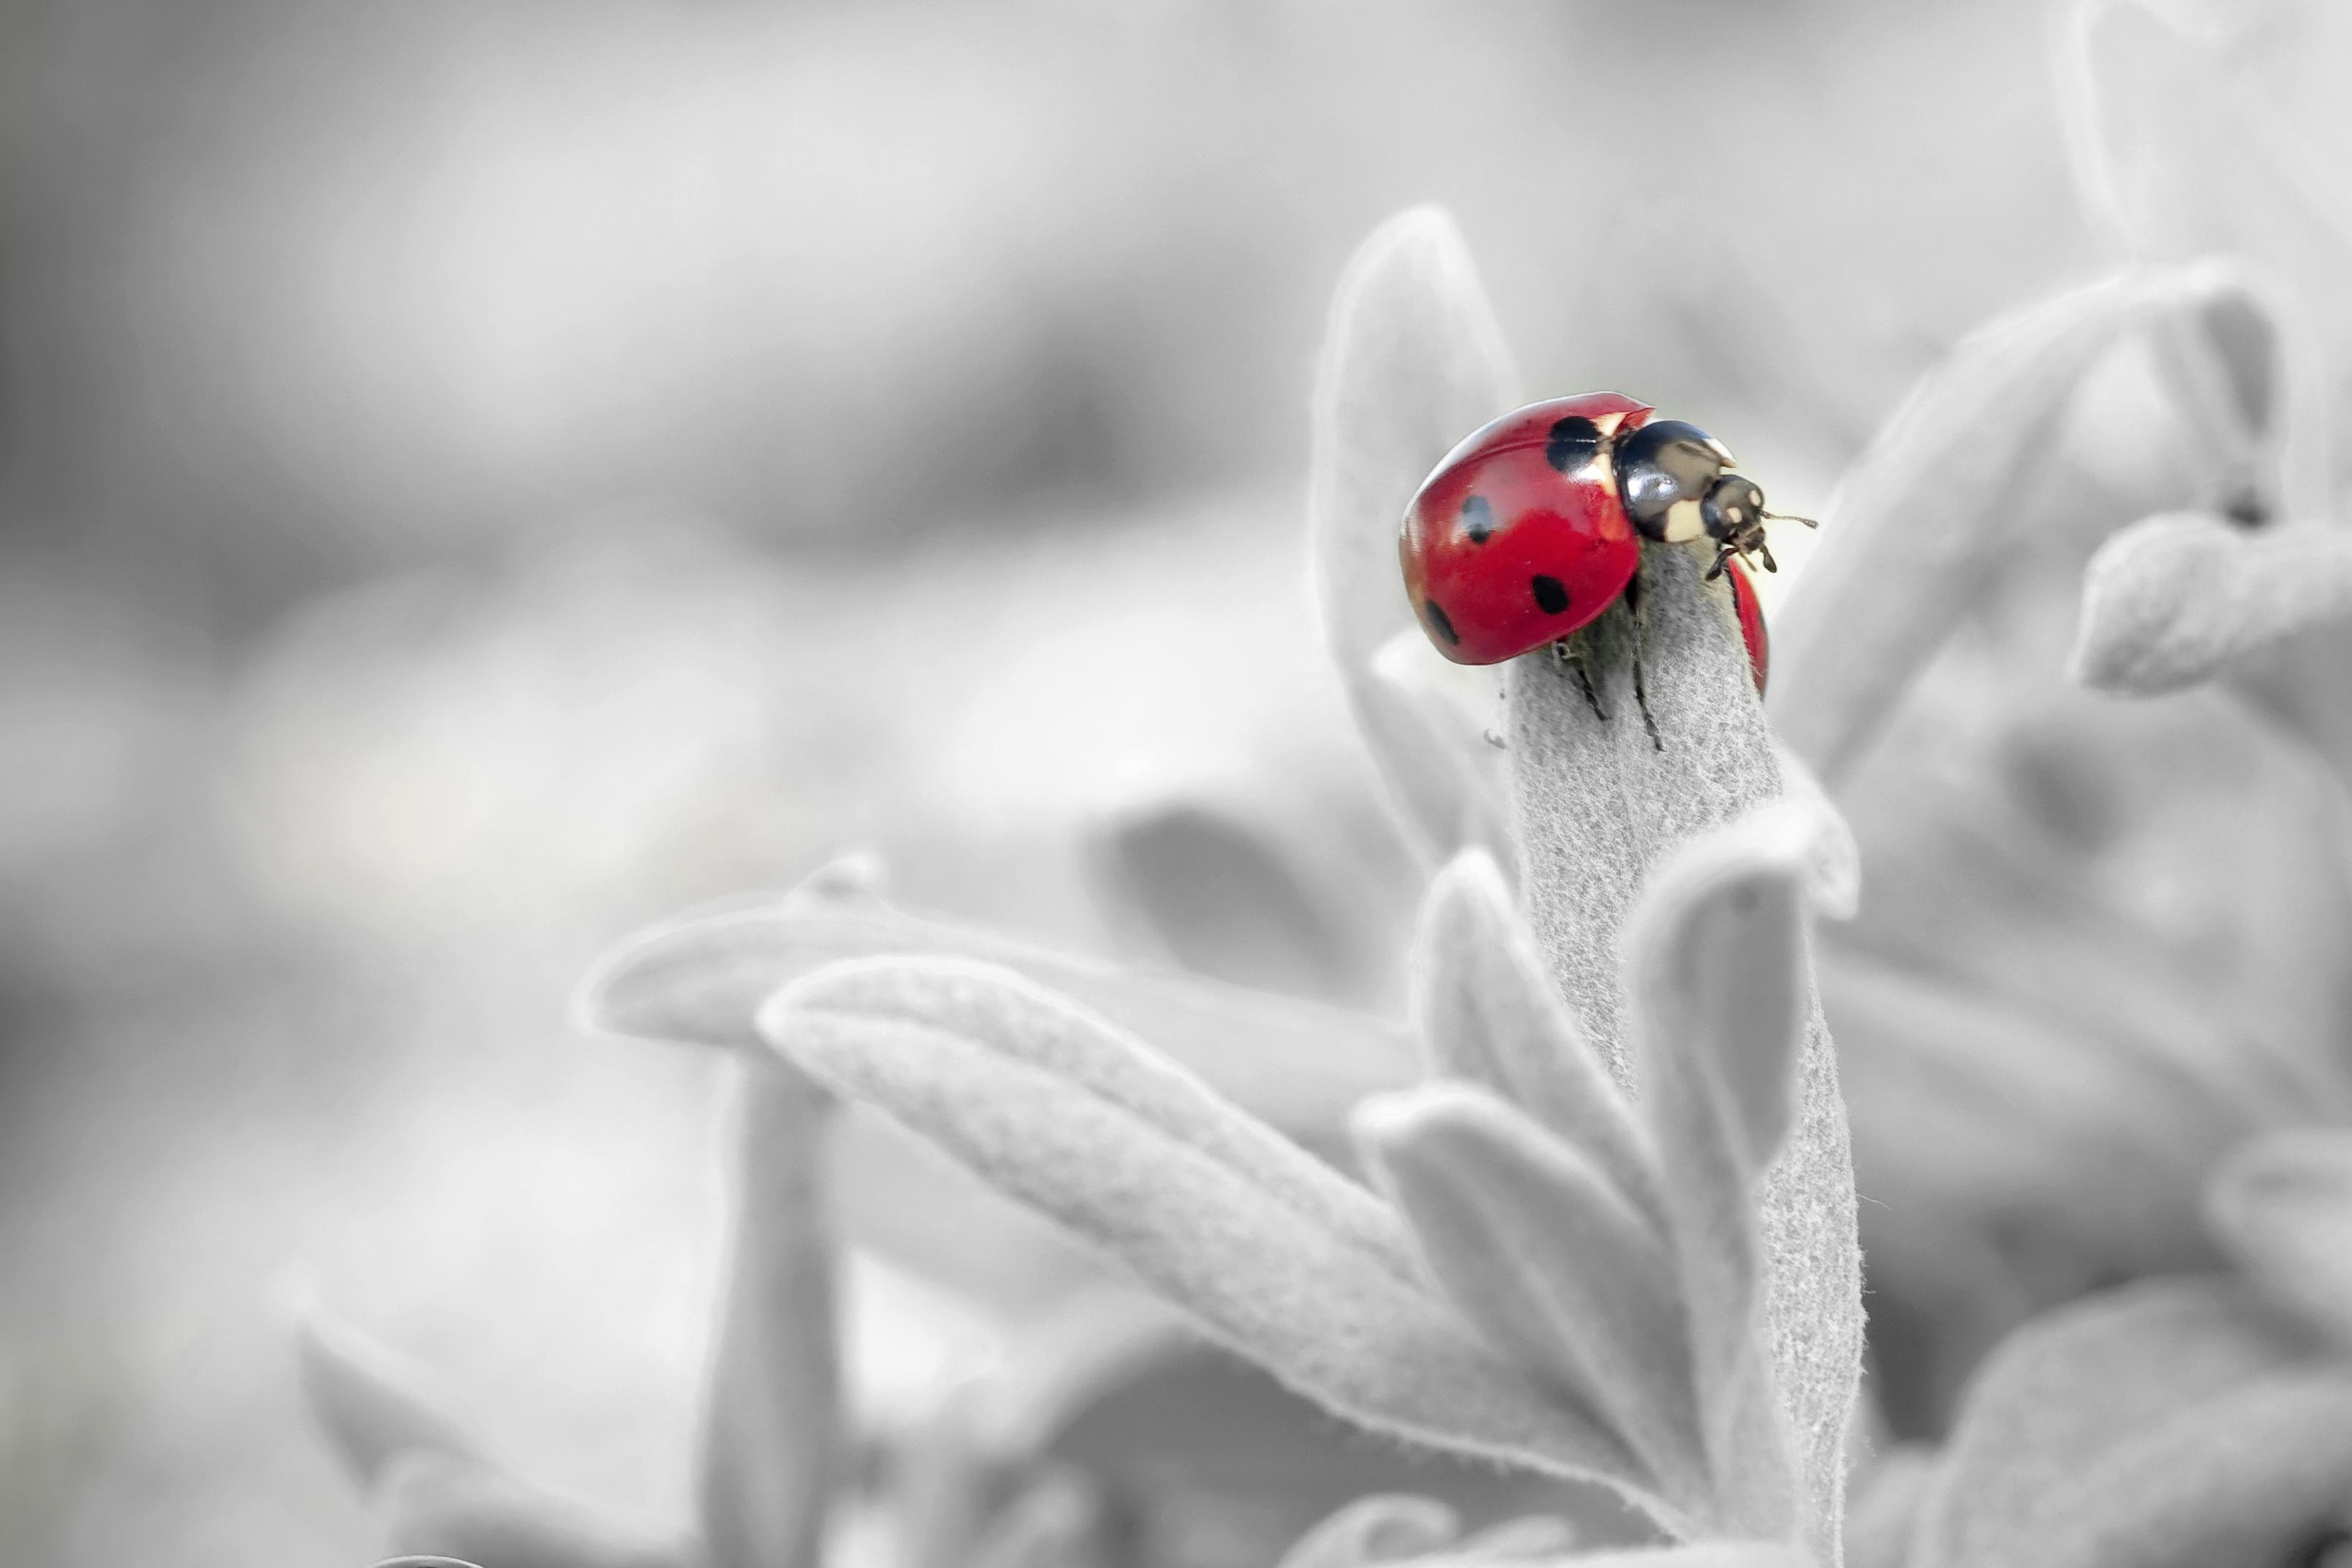 Hintergrundbilder Weiß Schwarz Einfarbig Natur Rot Fotografie